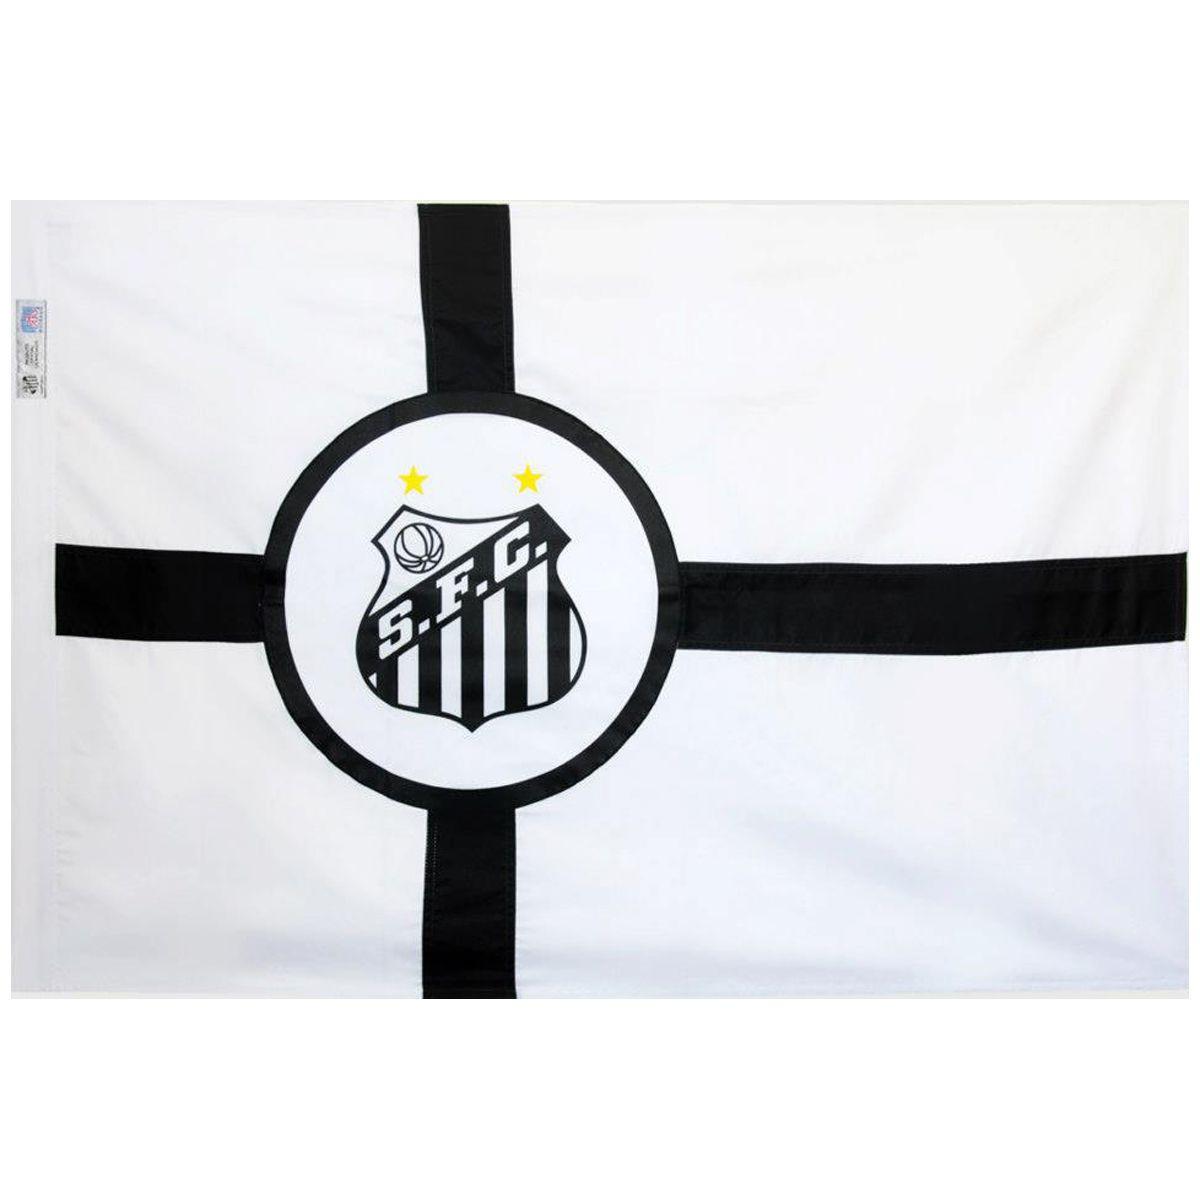 Bandeira Torcedor do Santos 96 x 68 cm - 1 1/2 pano